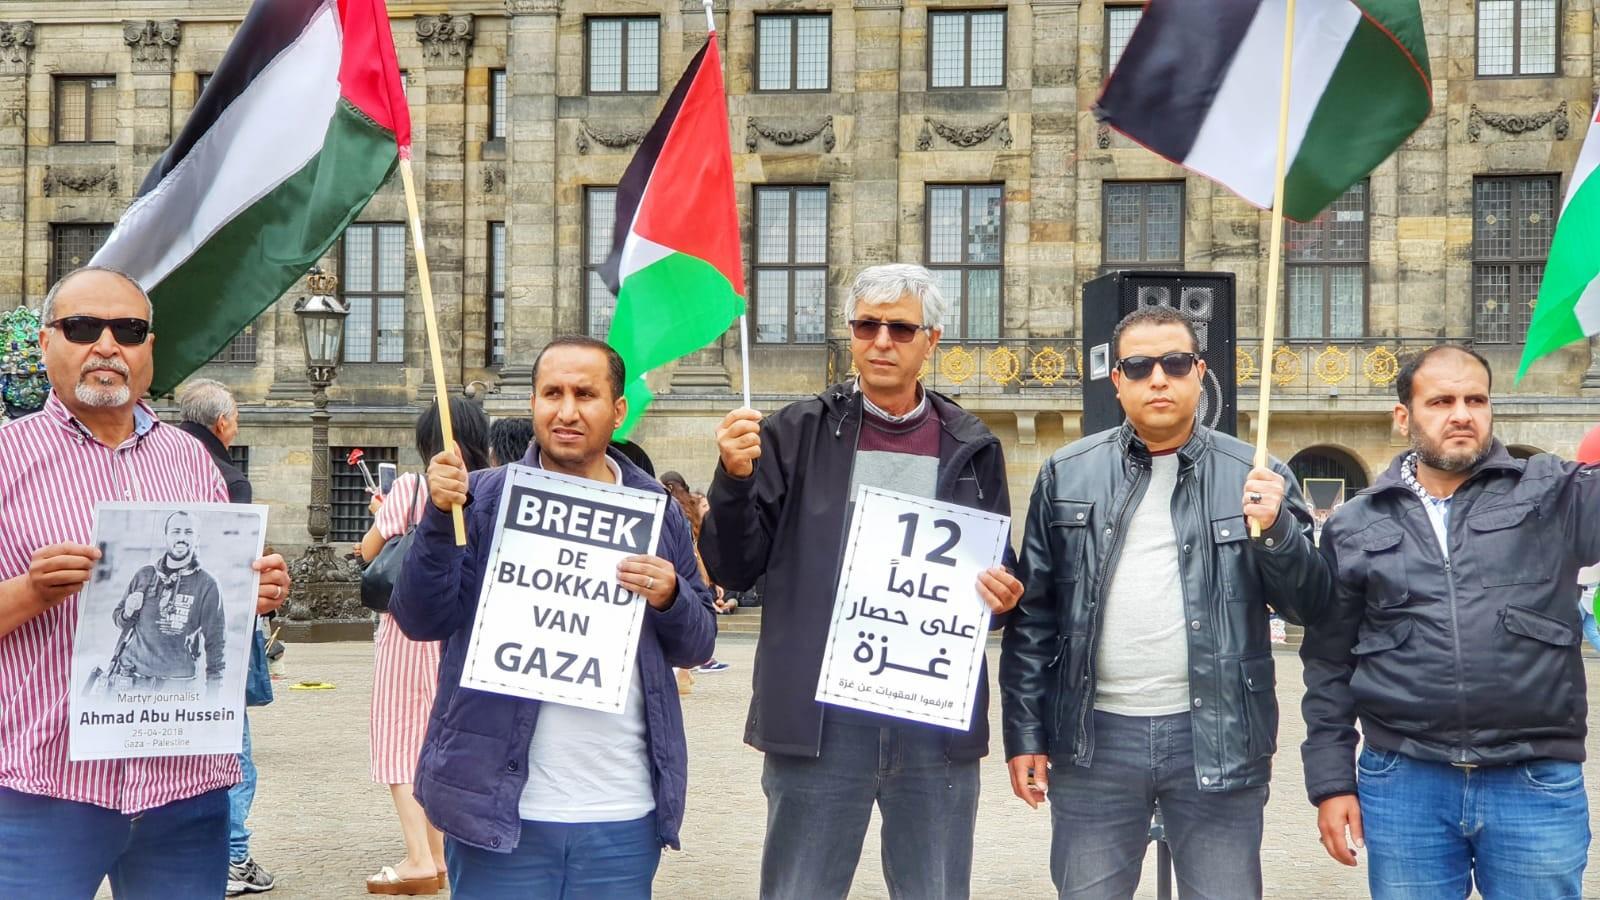 فلسطينيو هولندا يطالبون السلطة برفع العقوبات على غزة